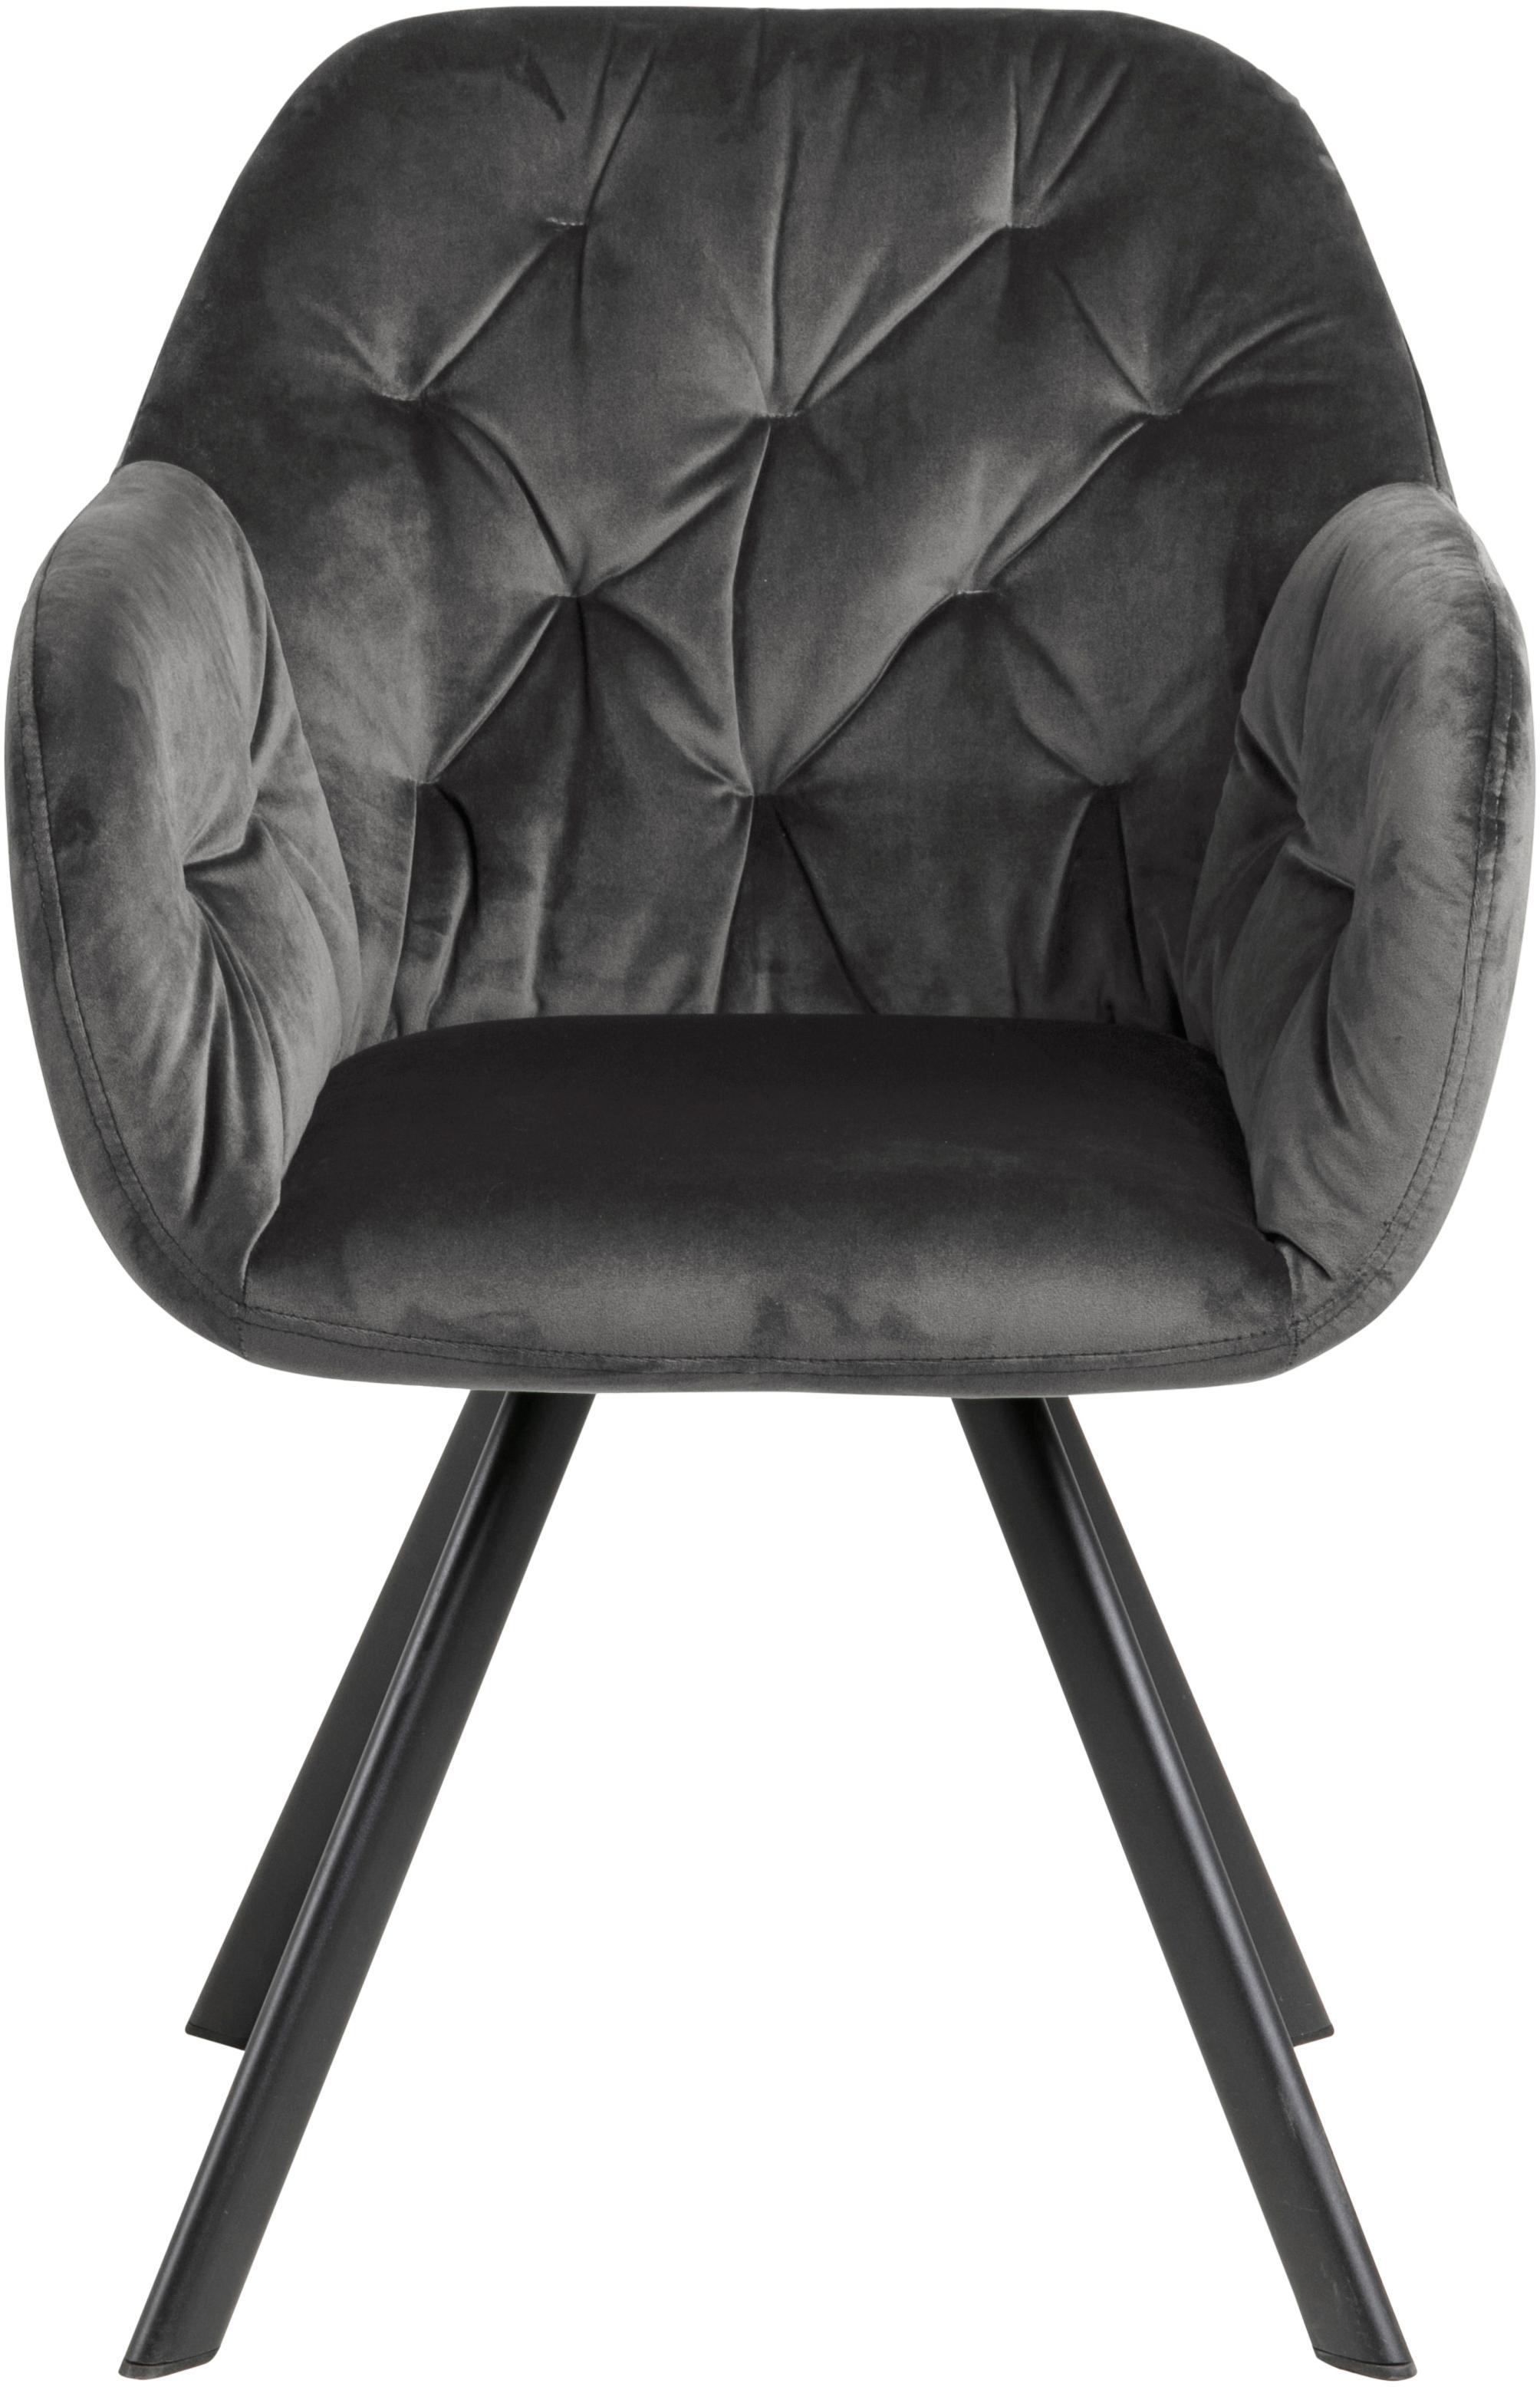 Poltrona in velluto Lola, Velluto di poliestere, metallo, Grigio scuro, nero, Larg. 58 x Prof. 62 cm